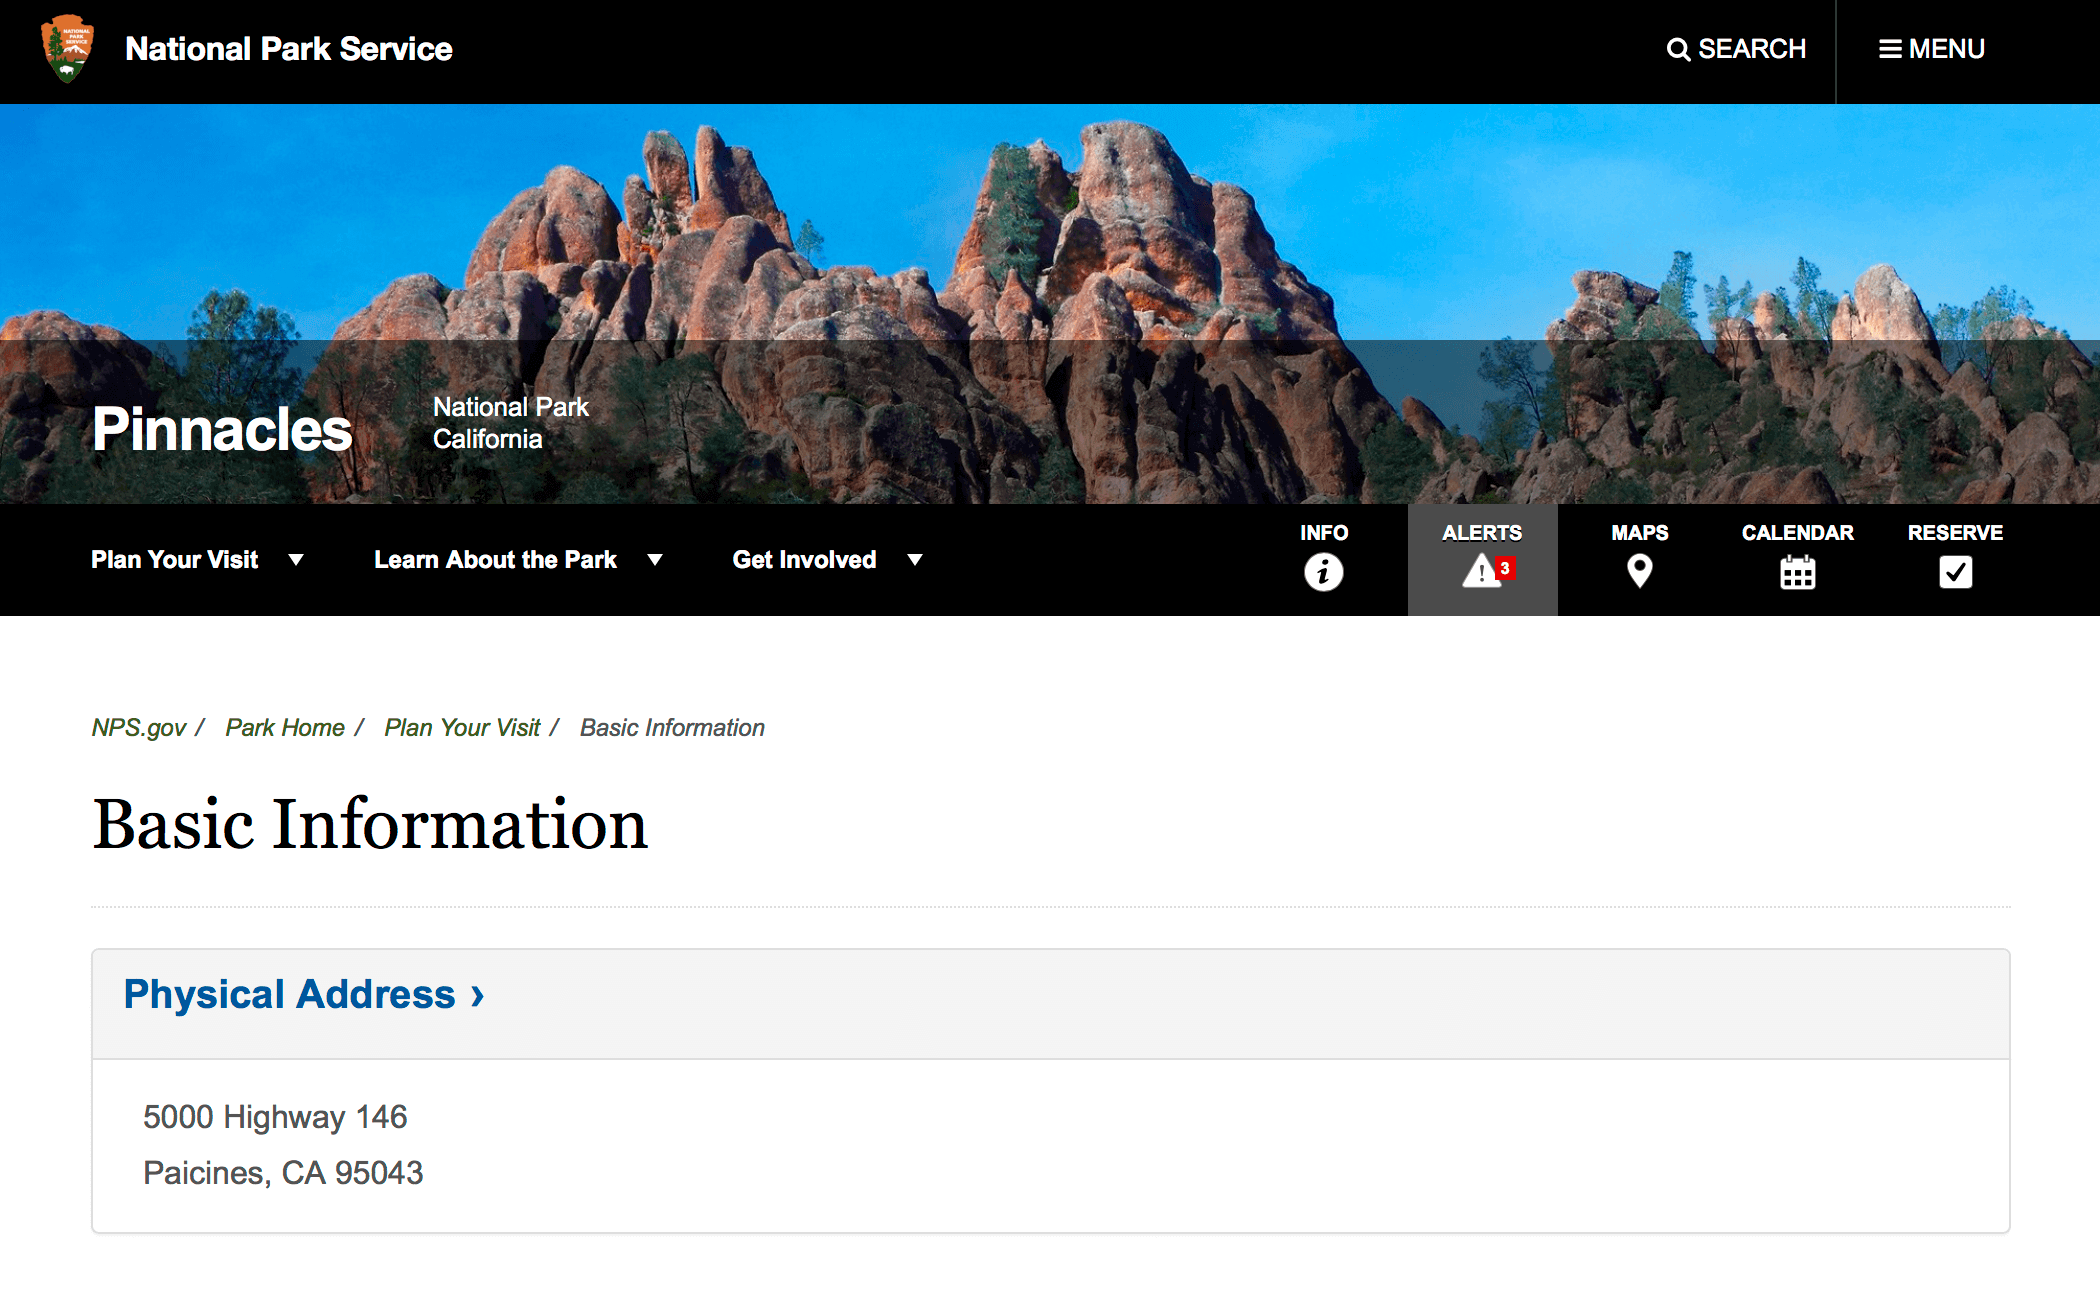 Страница национального парка Пинаклс, который находится недалеко от Салинаса